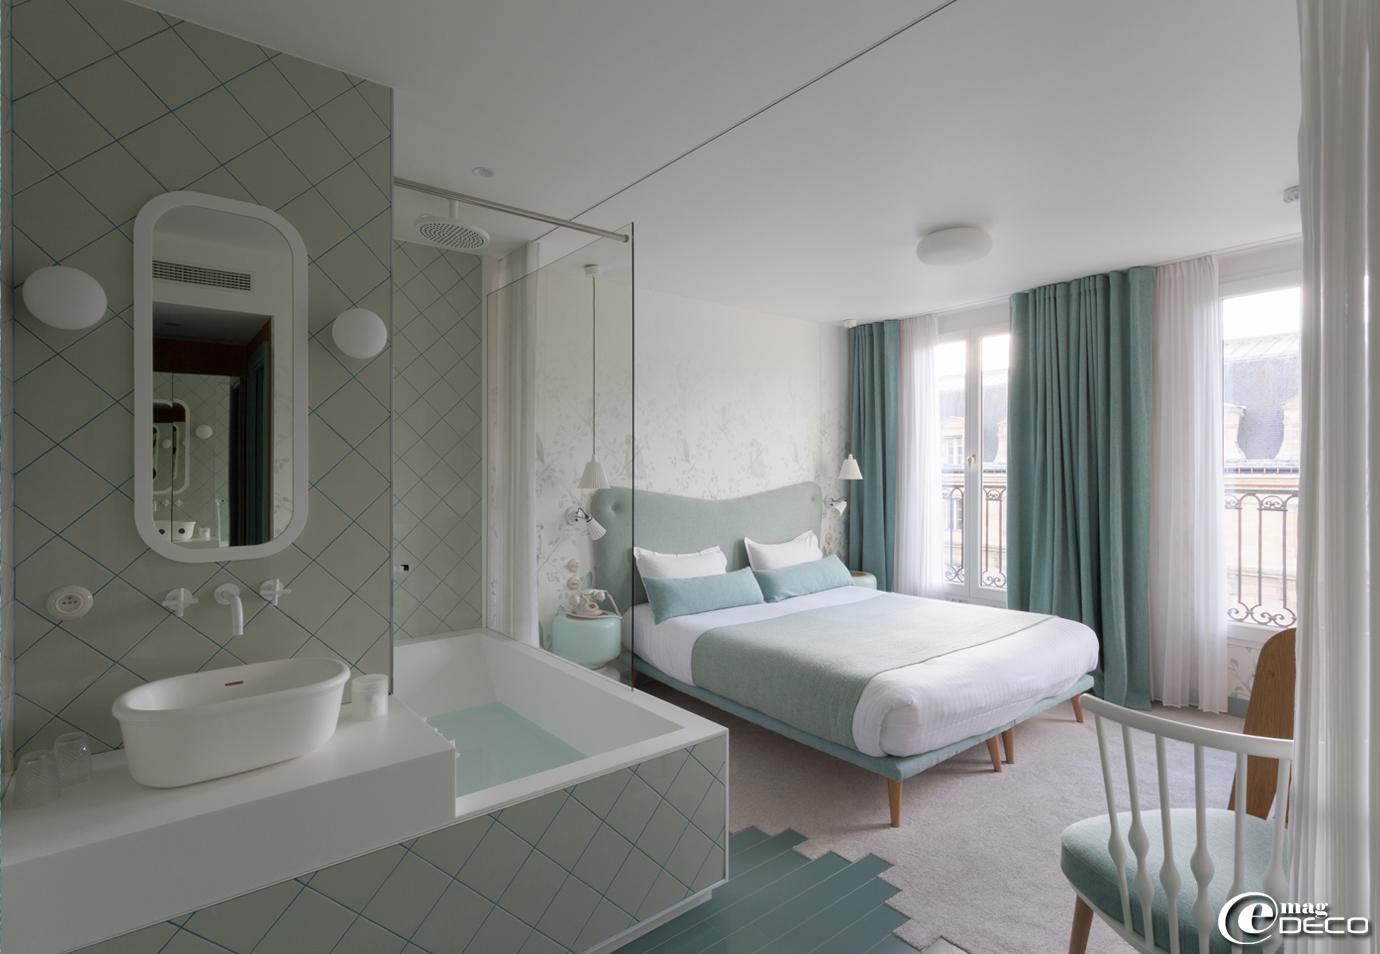 Le lapin blanc e magdeco magazine de d coration - Le lapin blanc hotel ...